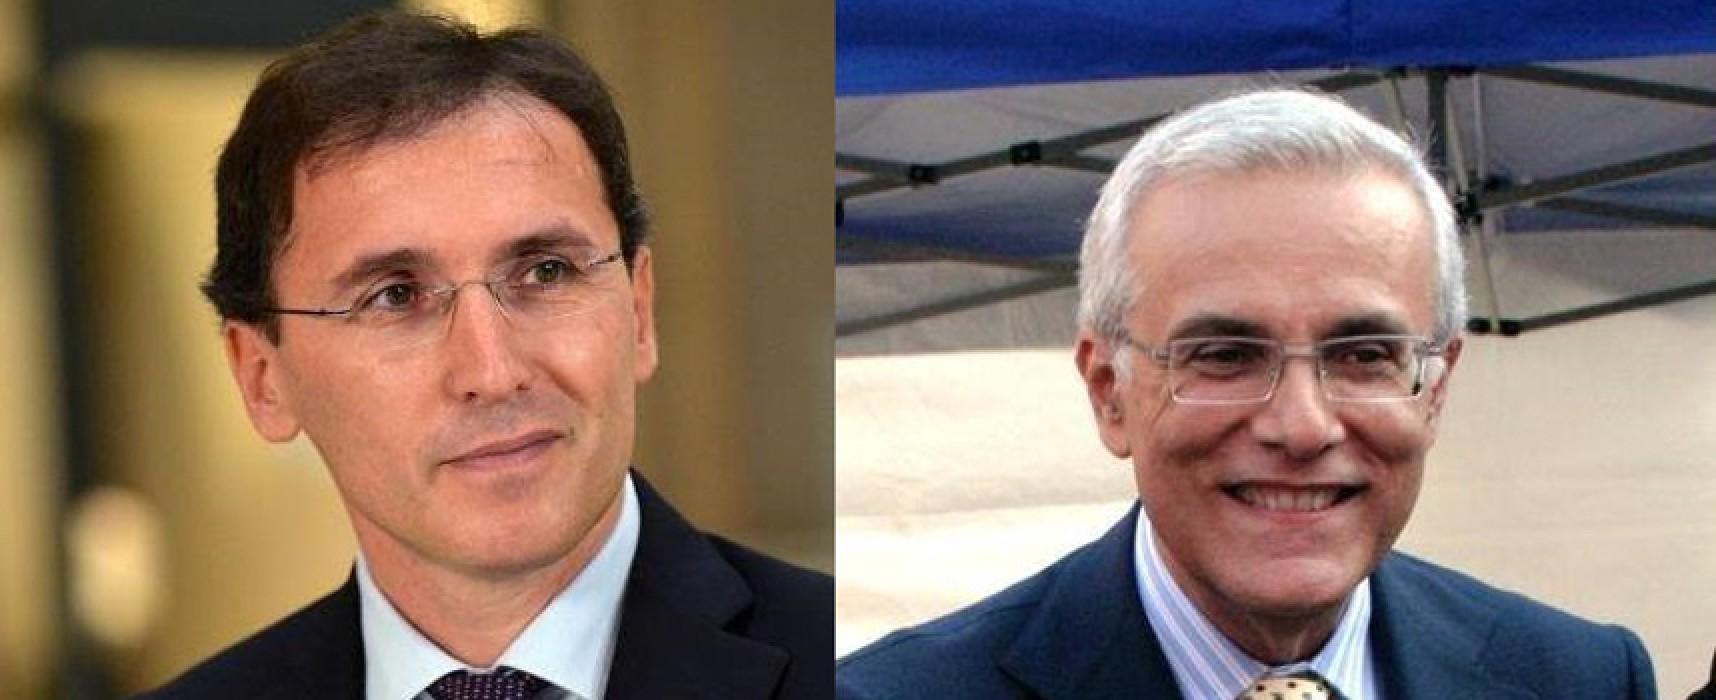 """Spina-Pd, Amoruso: """"Doveva rimanere un problema locale, errore renderlo caso nazionale"""" / VIDEO"""